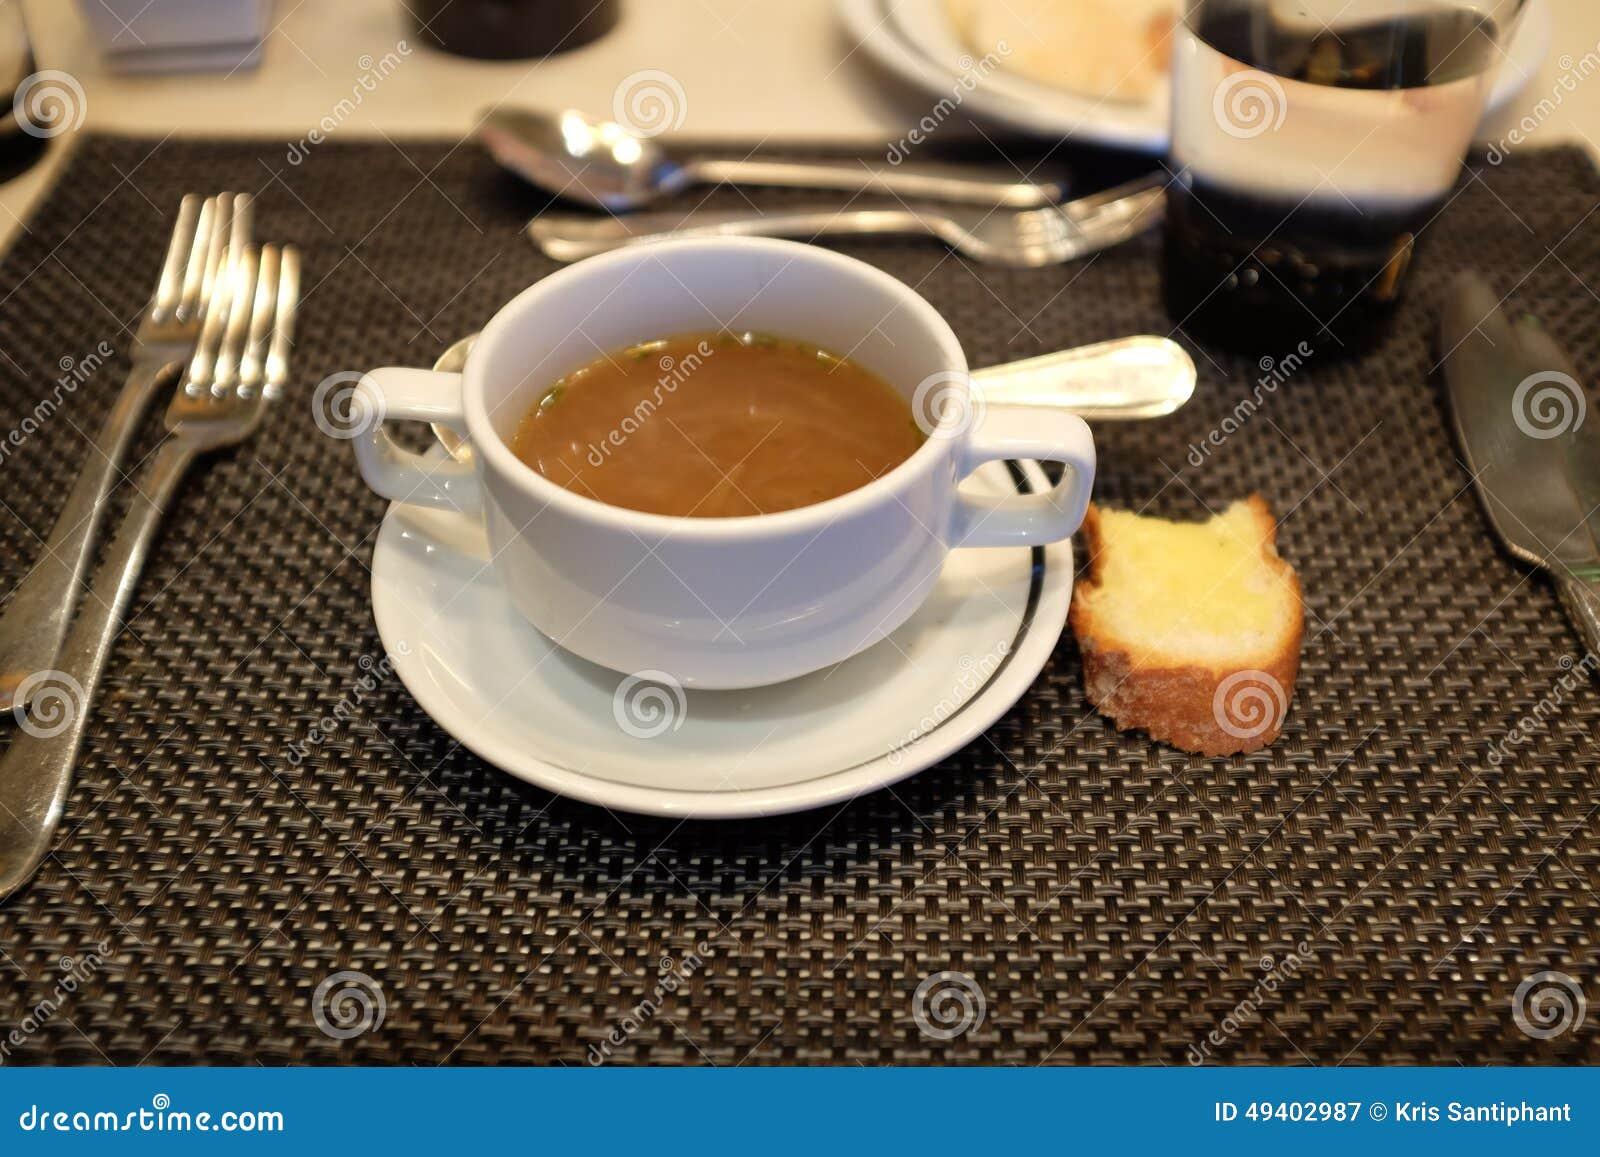 Download Freie Suppe stockbild. Bild von abendessen, buffet, zwiebel - 49402987